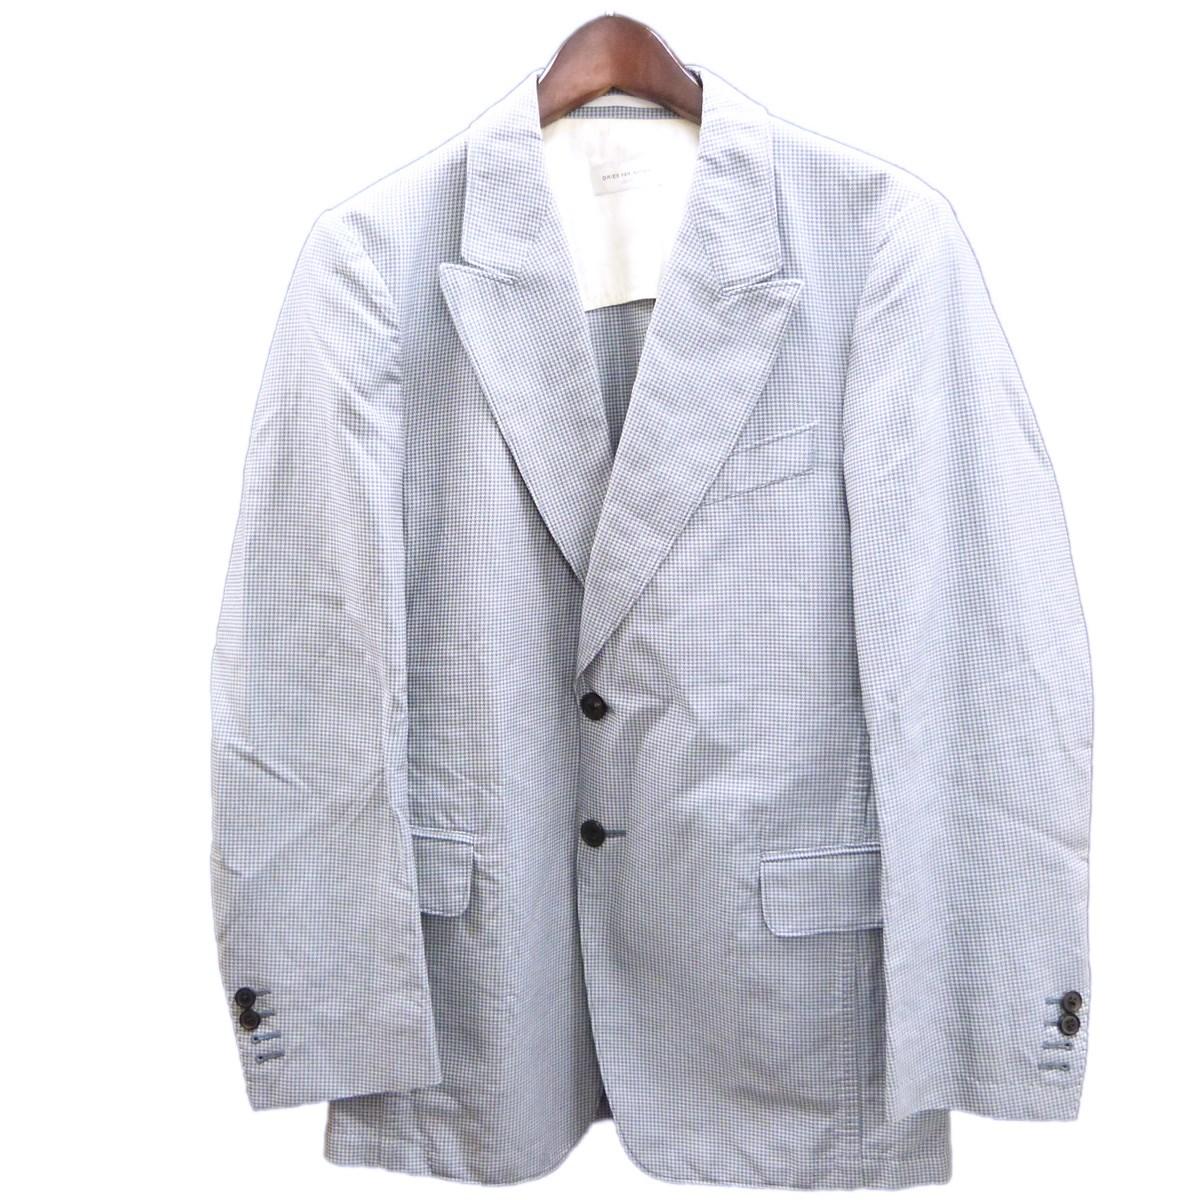 【中古】DRIES VAN NOTENハウンドトゥーステーラードジャケット ブルーグレー サイズ:46 【4月16日見直し】